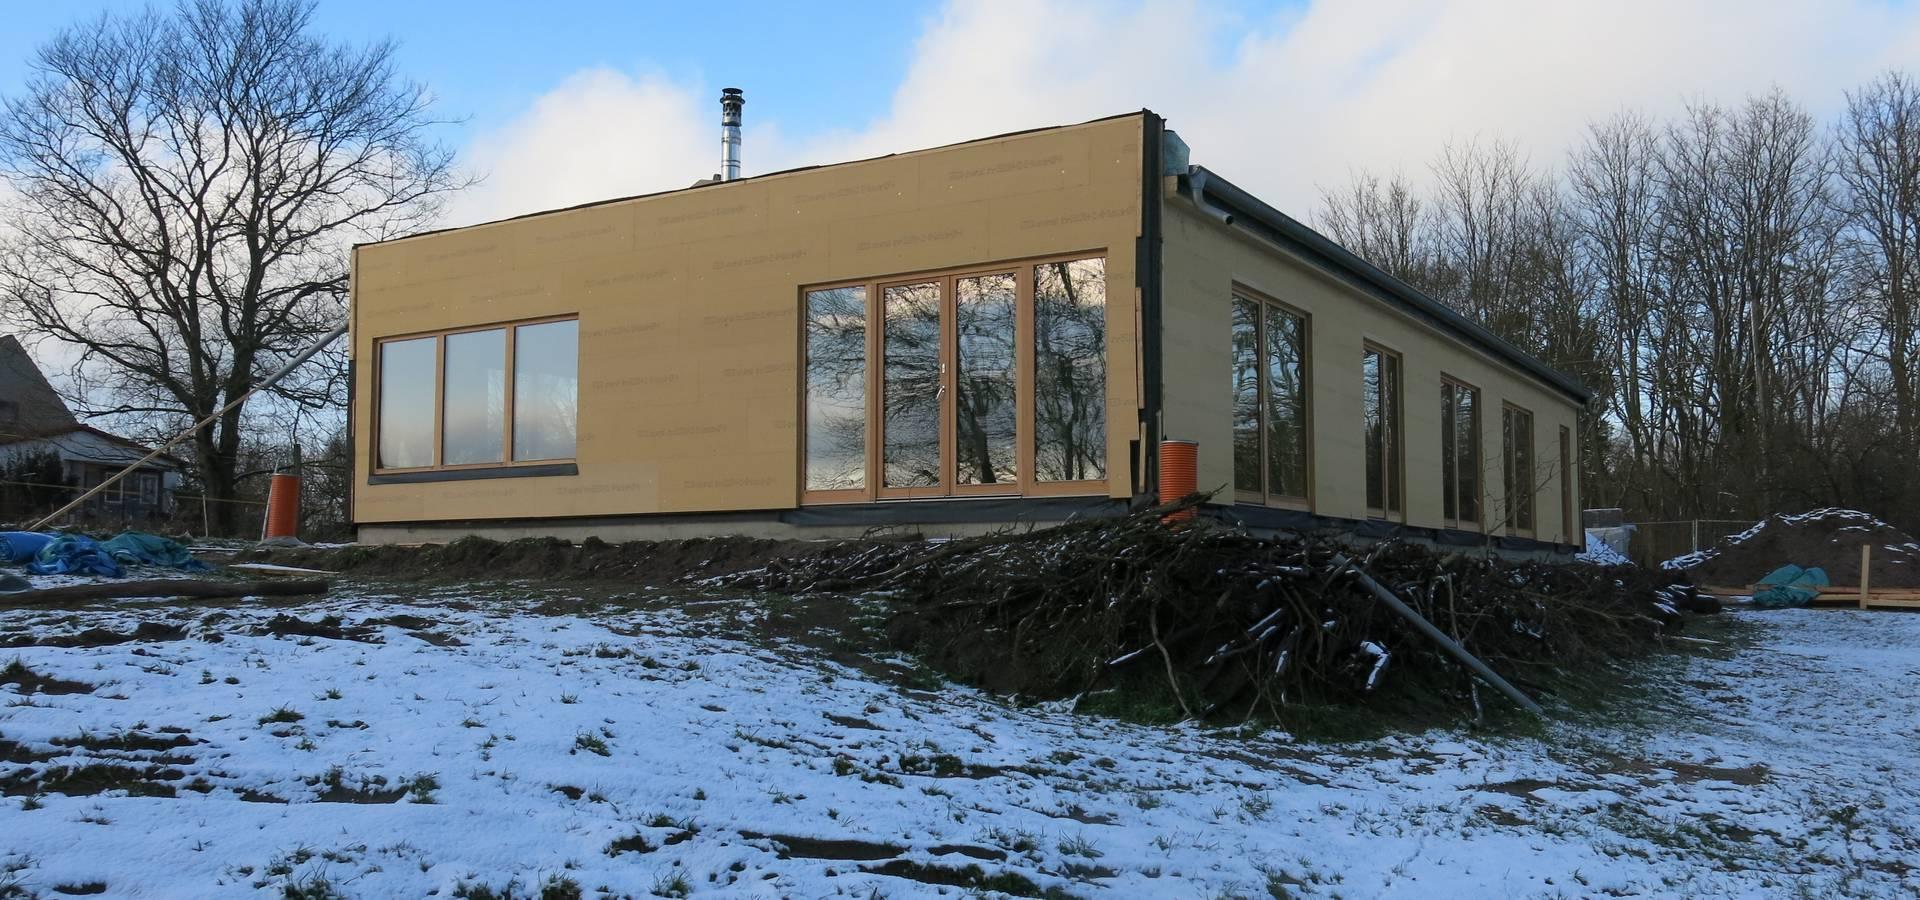 Architekturbüro Kramer